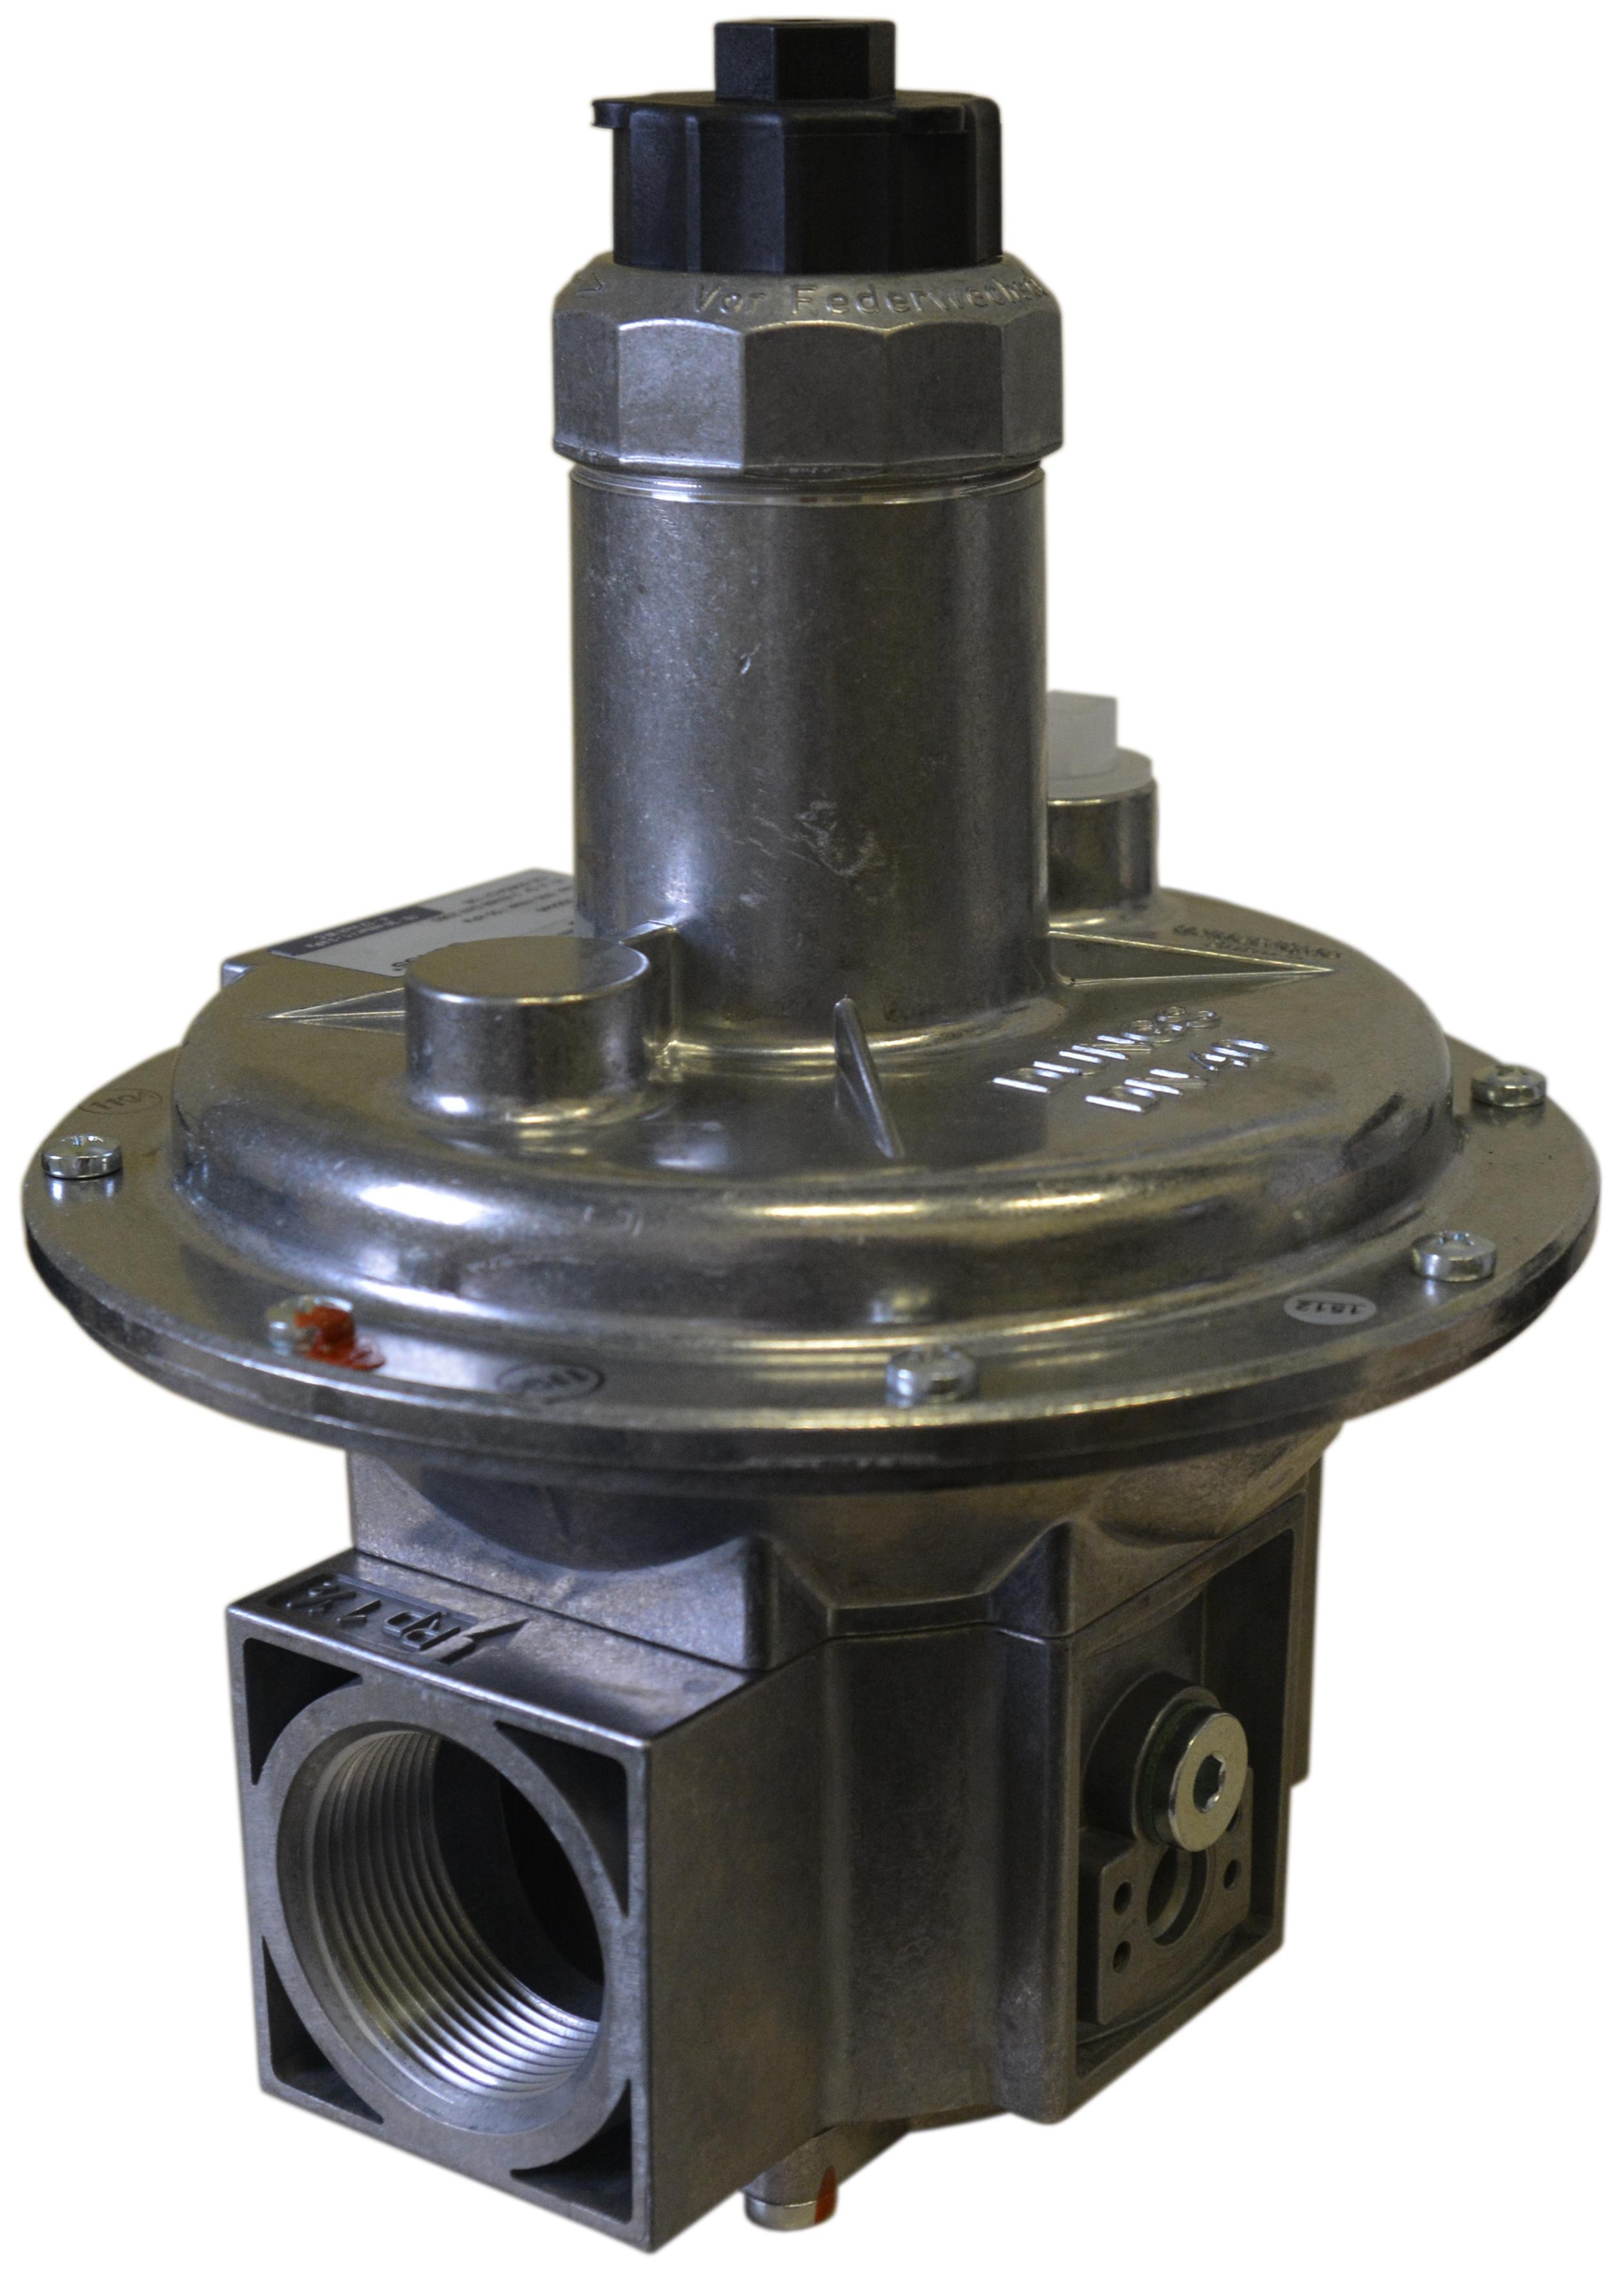 регулятор стабилизатор давления газа frs